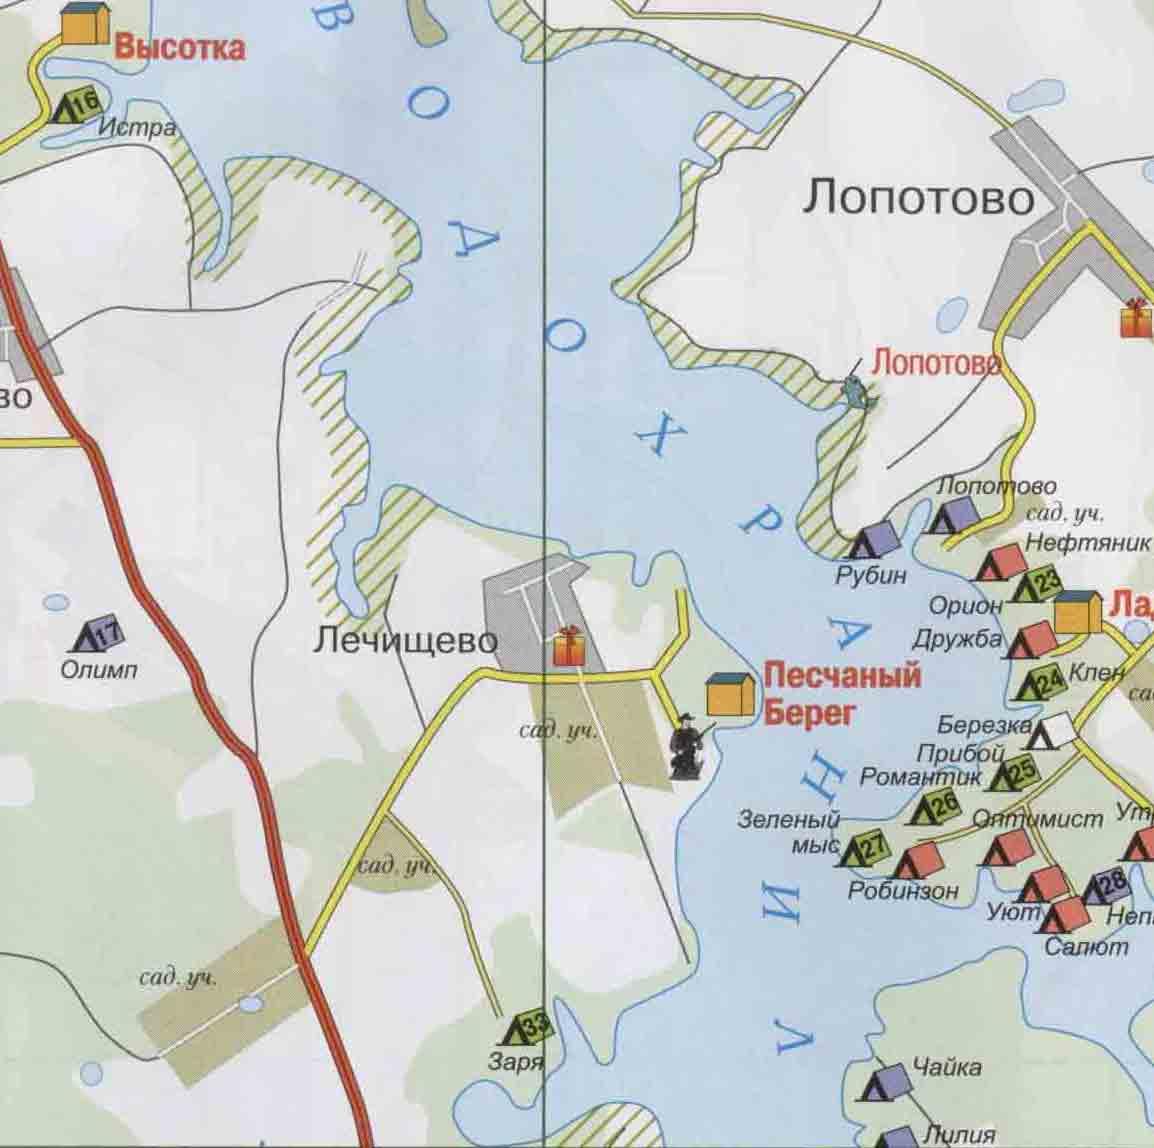 рыболовные базы на истринском водохранилище цены